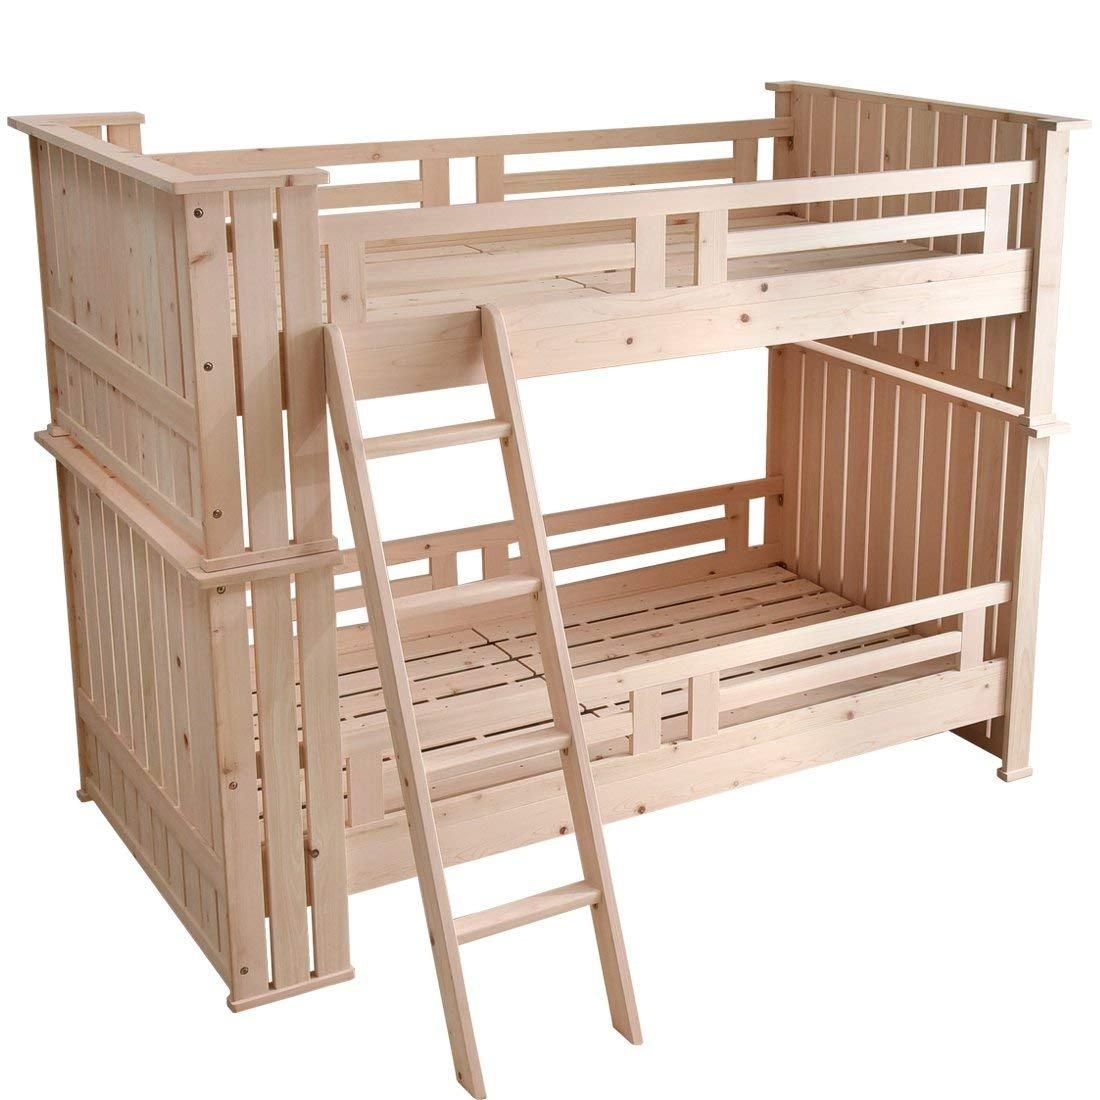 ひのき風呂 2段ベッド 無塗装 檜 ひのき 木製 二段ベット はしご 子供 すのこ ベッド 檜二段ベッド ひのき2段ベッド 大人用 ベッド ベット 頑丈設計 【大型商品】